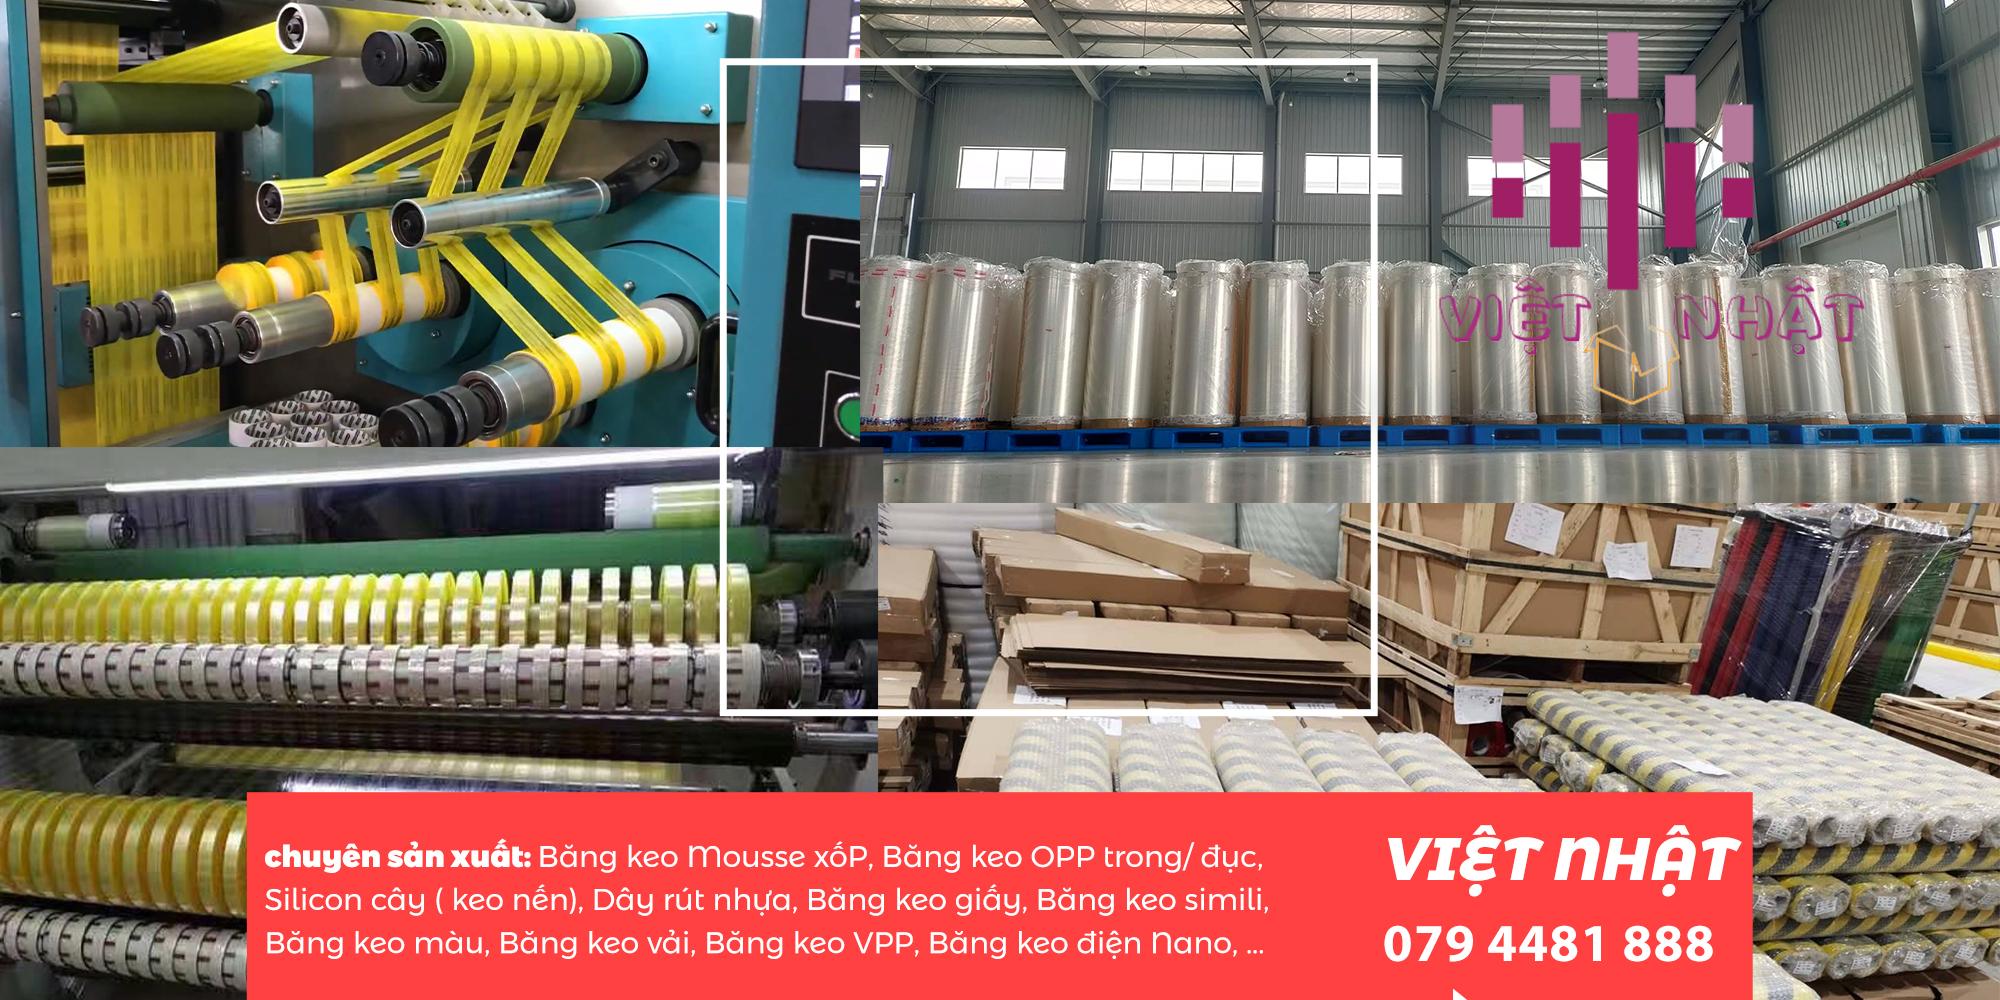 hình ảnh về xưởng sản xuất băng keo và Băng keo giấy 20mm- Băng dính giấy 2cm